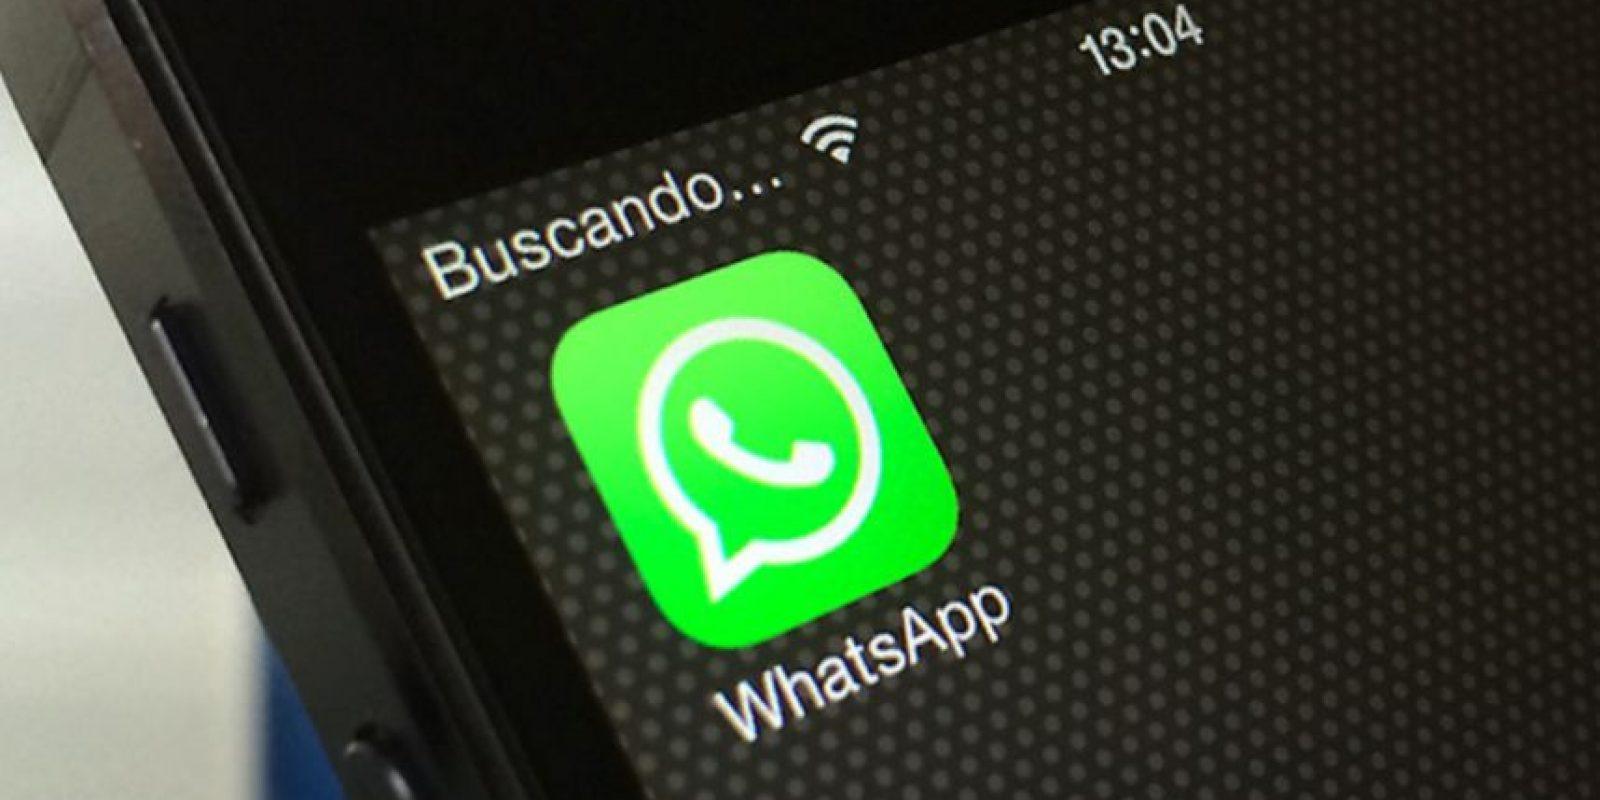 La policía belga detuvo a 16 supuestos terroristas tras recibir información confidencial sacada de unos mensajes de WhatsApp Foto:AP